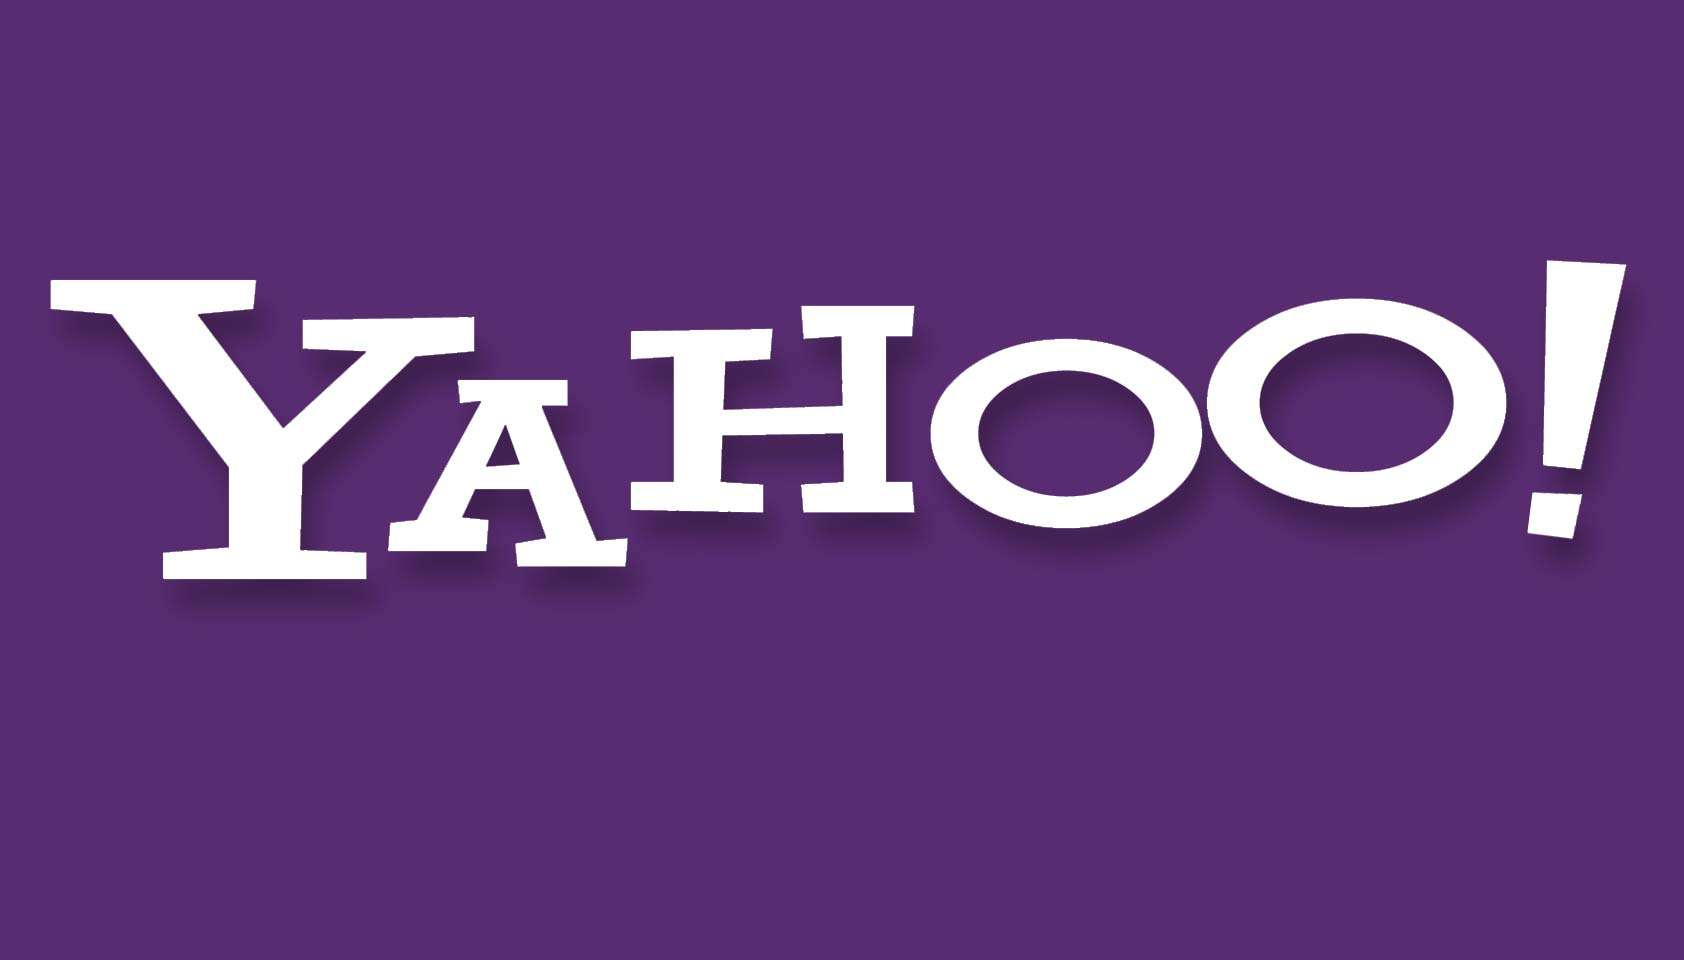 জাভা এবং এন্ড্রয়েড ফোনে কিভাবে Yahoo! একাউন্ট খুলবেন?? –By Lovelu Hossain–